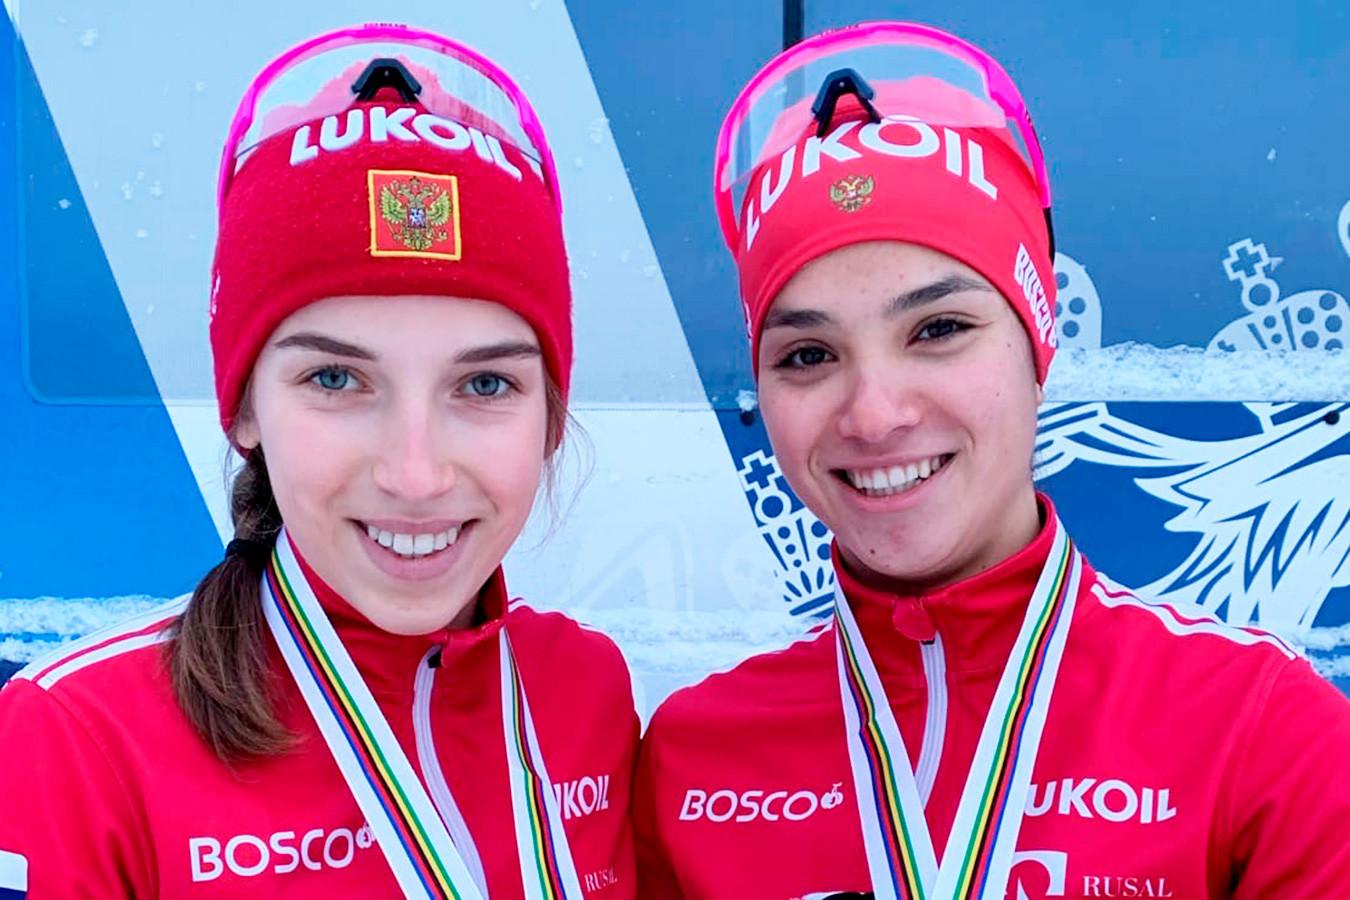 Российские лыжницы стали вторыми в эстафете на юниорском ЧМ. Победила сборная Швеции